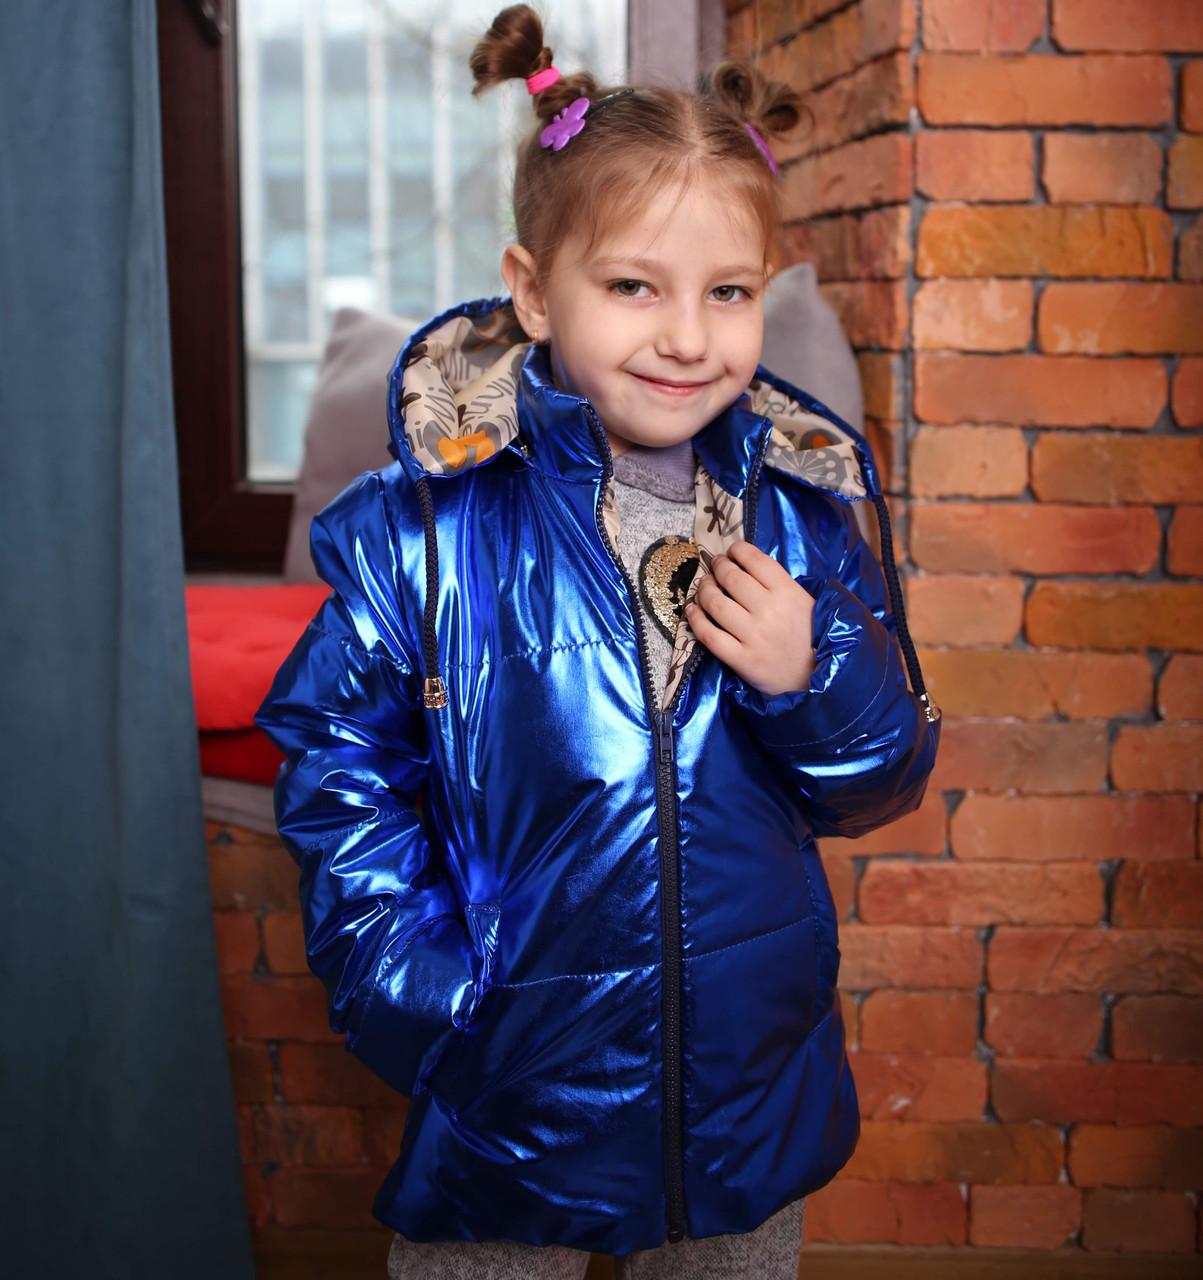 Демисезонная, весна-осень  детская куртка на синтепоне универсальная синий металлик Новинка 2019-2020